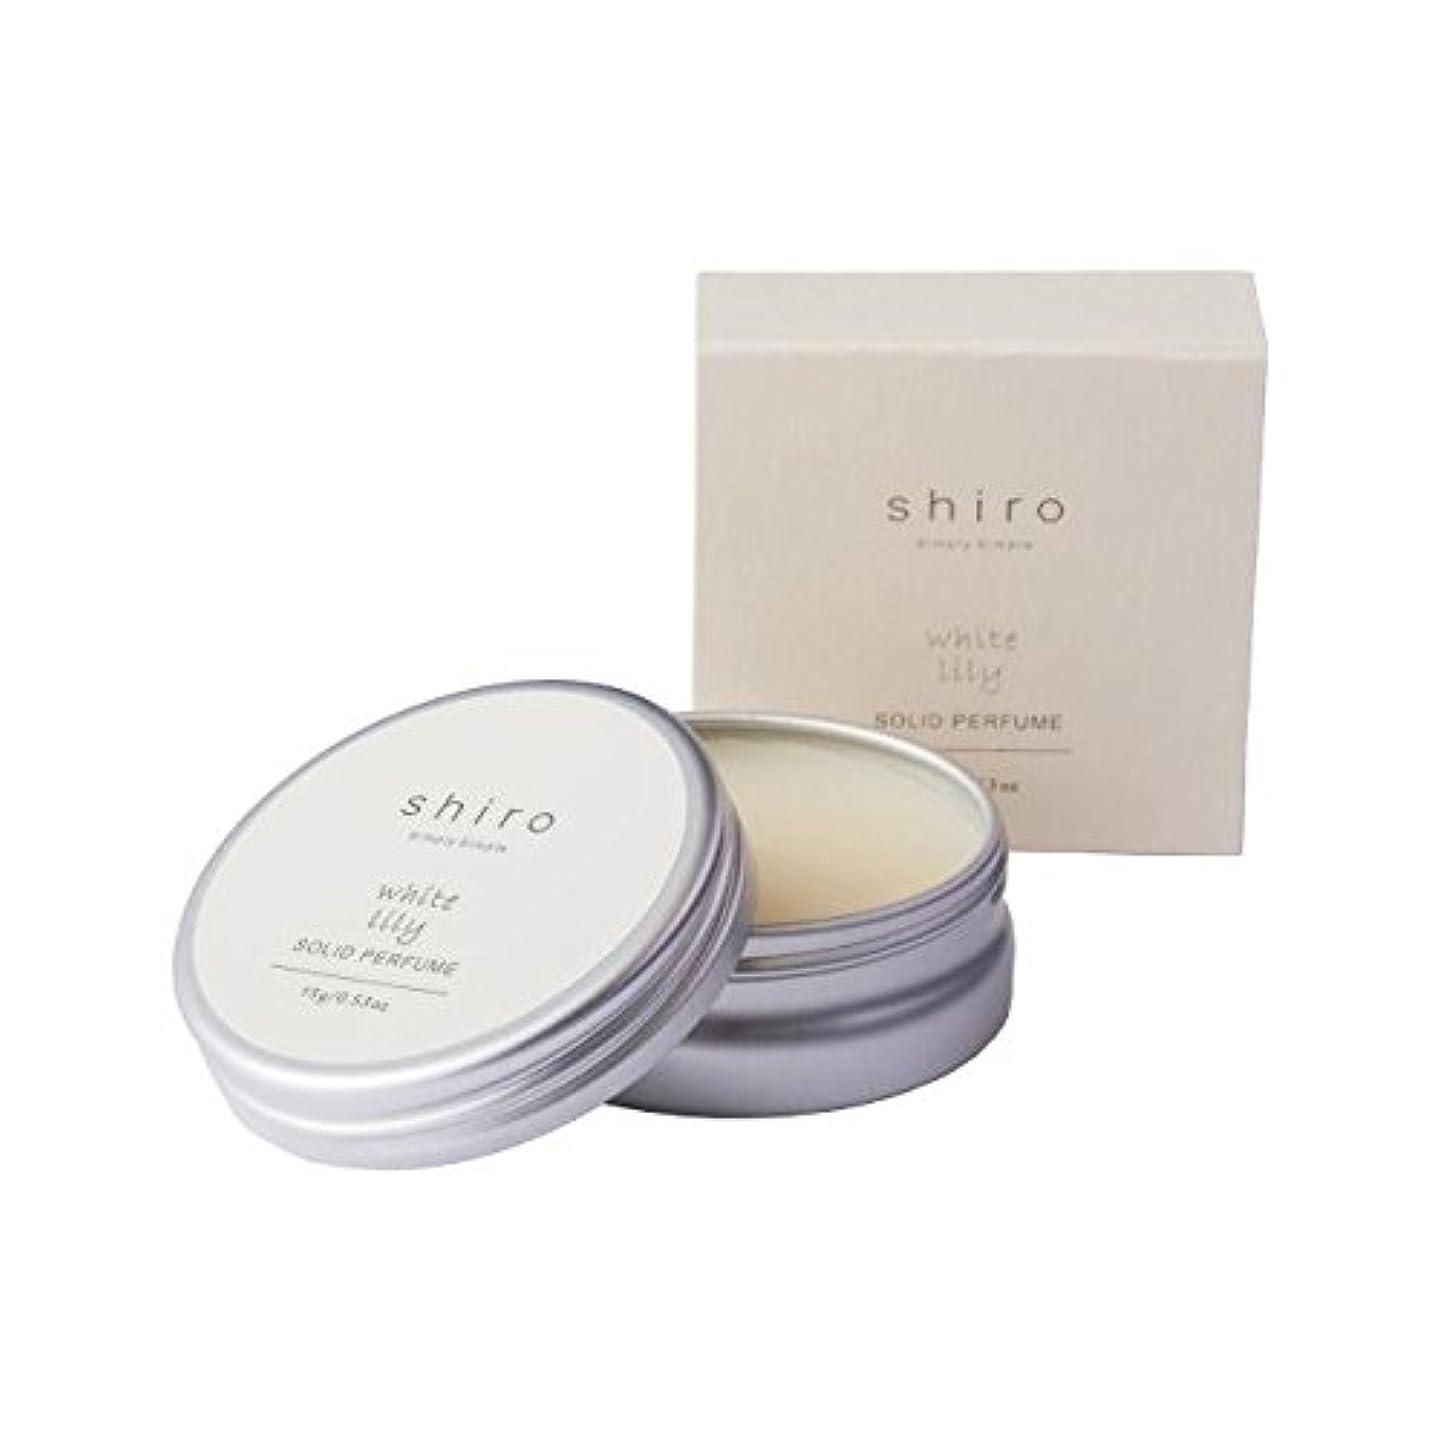 ストローク季節shiro ホワイトリリー シャンプーのような香り すっきりと清潔感 練り香水 シロ 固形タイプ フレグランス 保湿成分 指先の保湿ケア